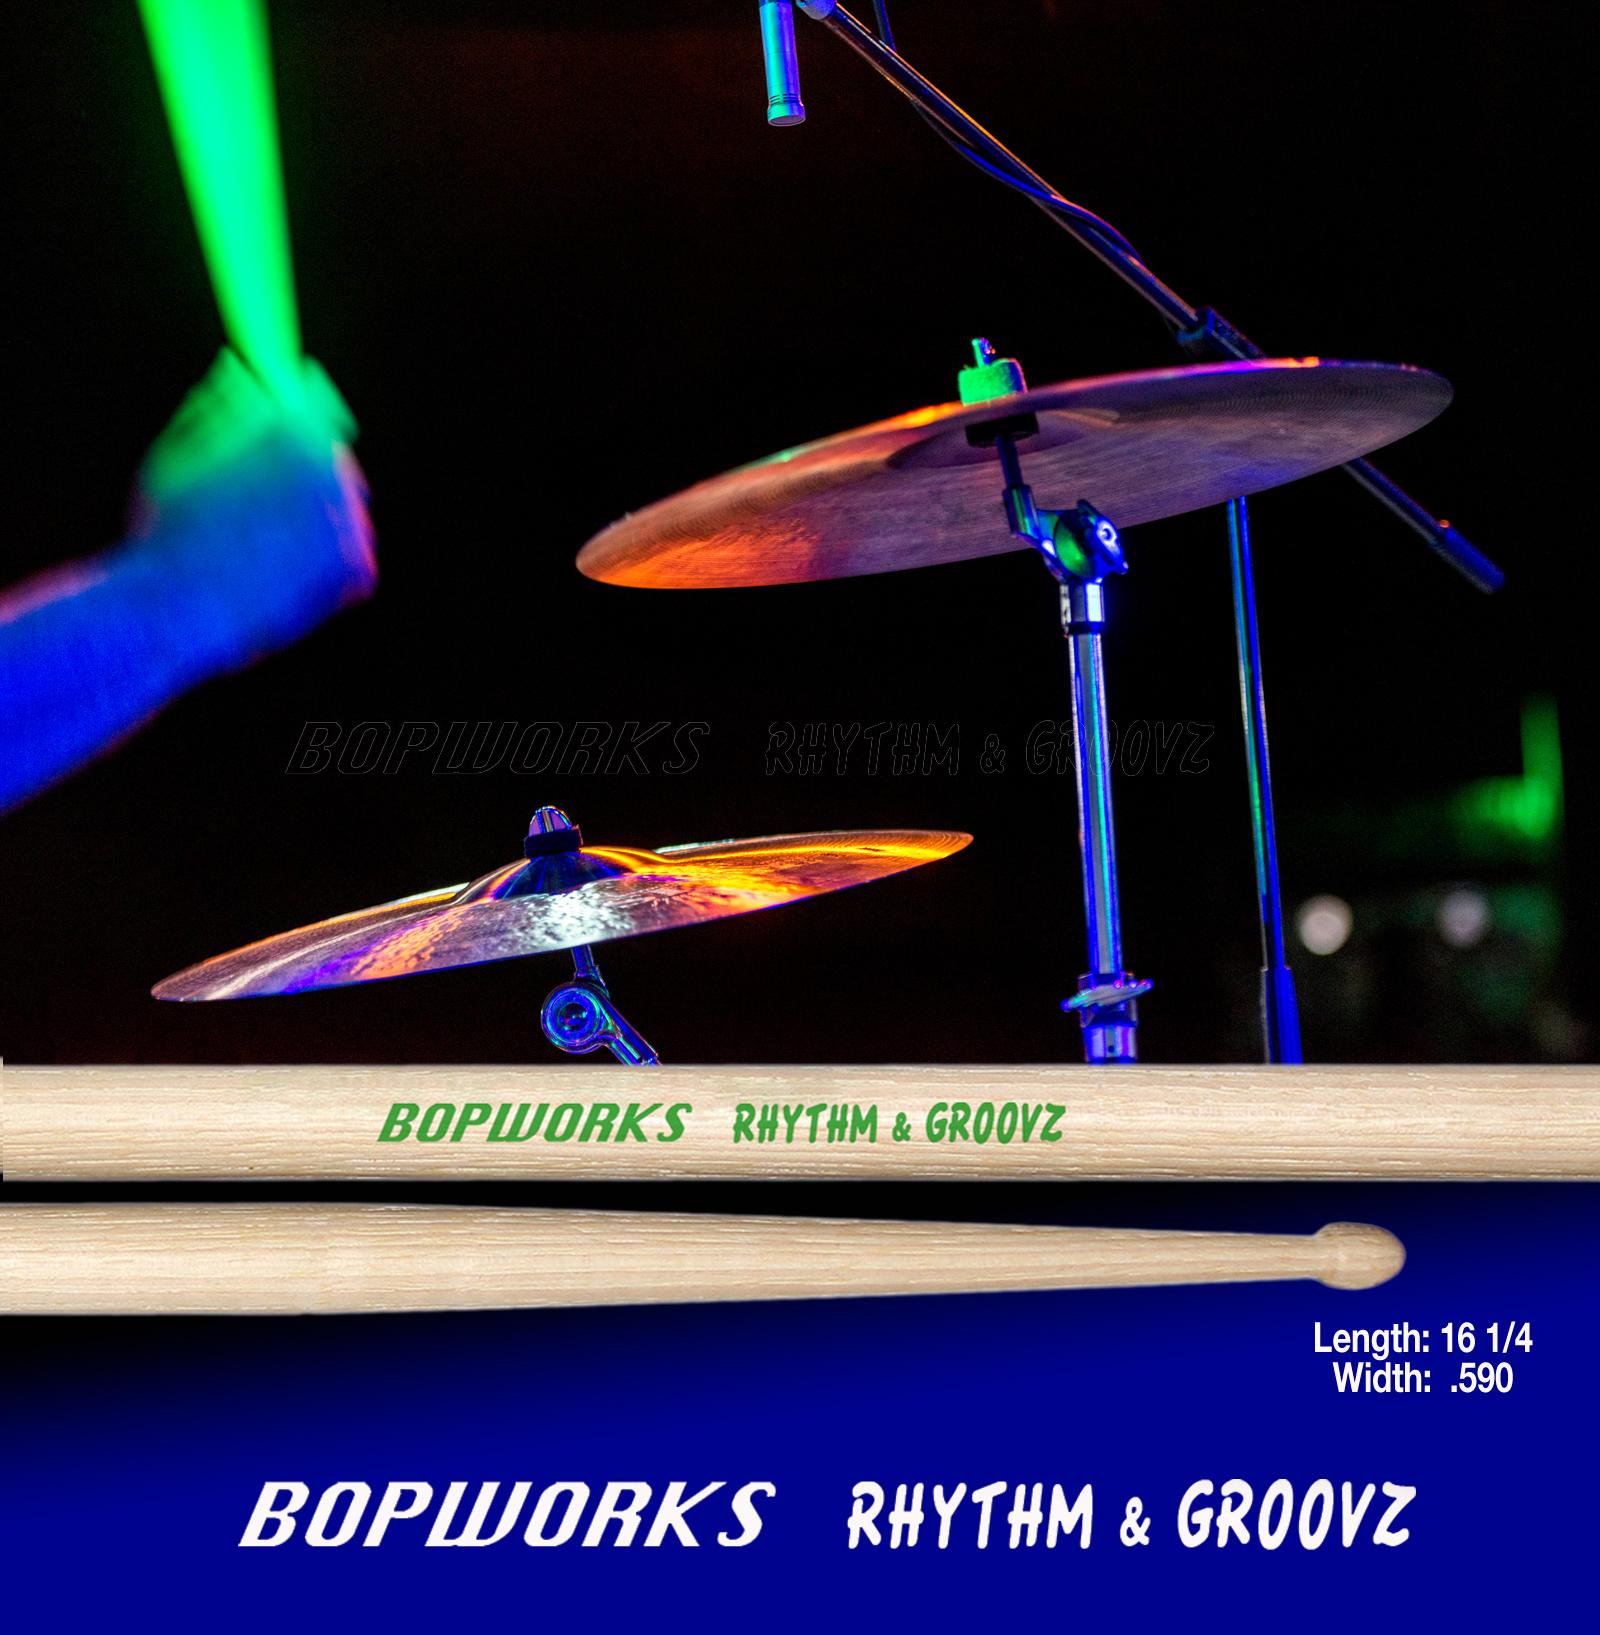 rhythm-groovz-for-ad-copy-2017.jpg